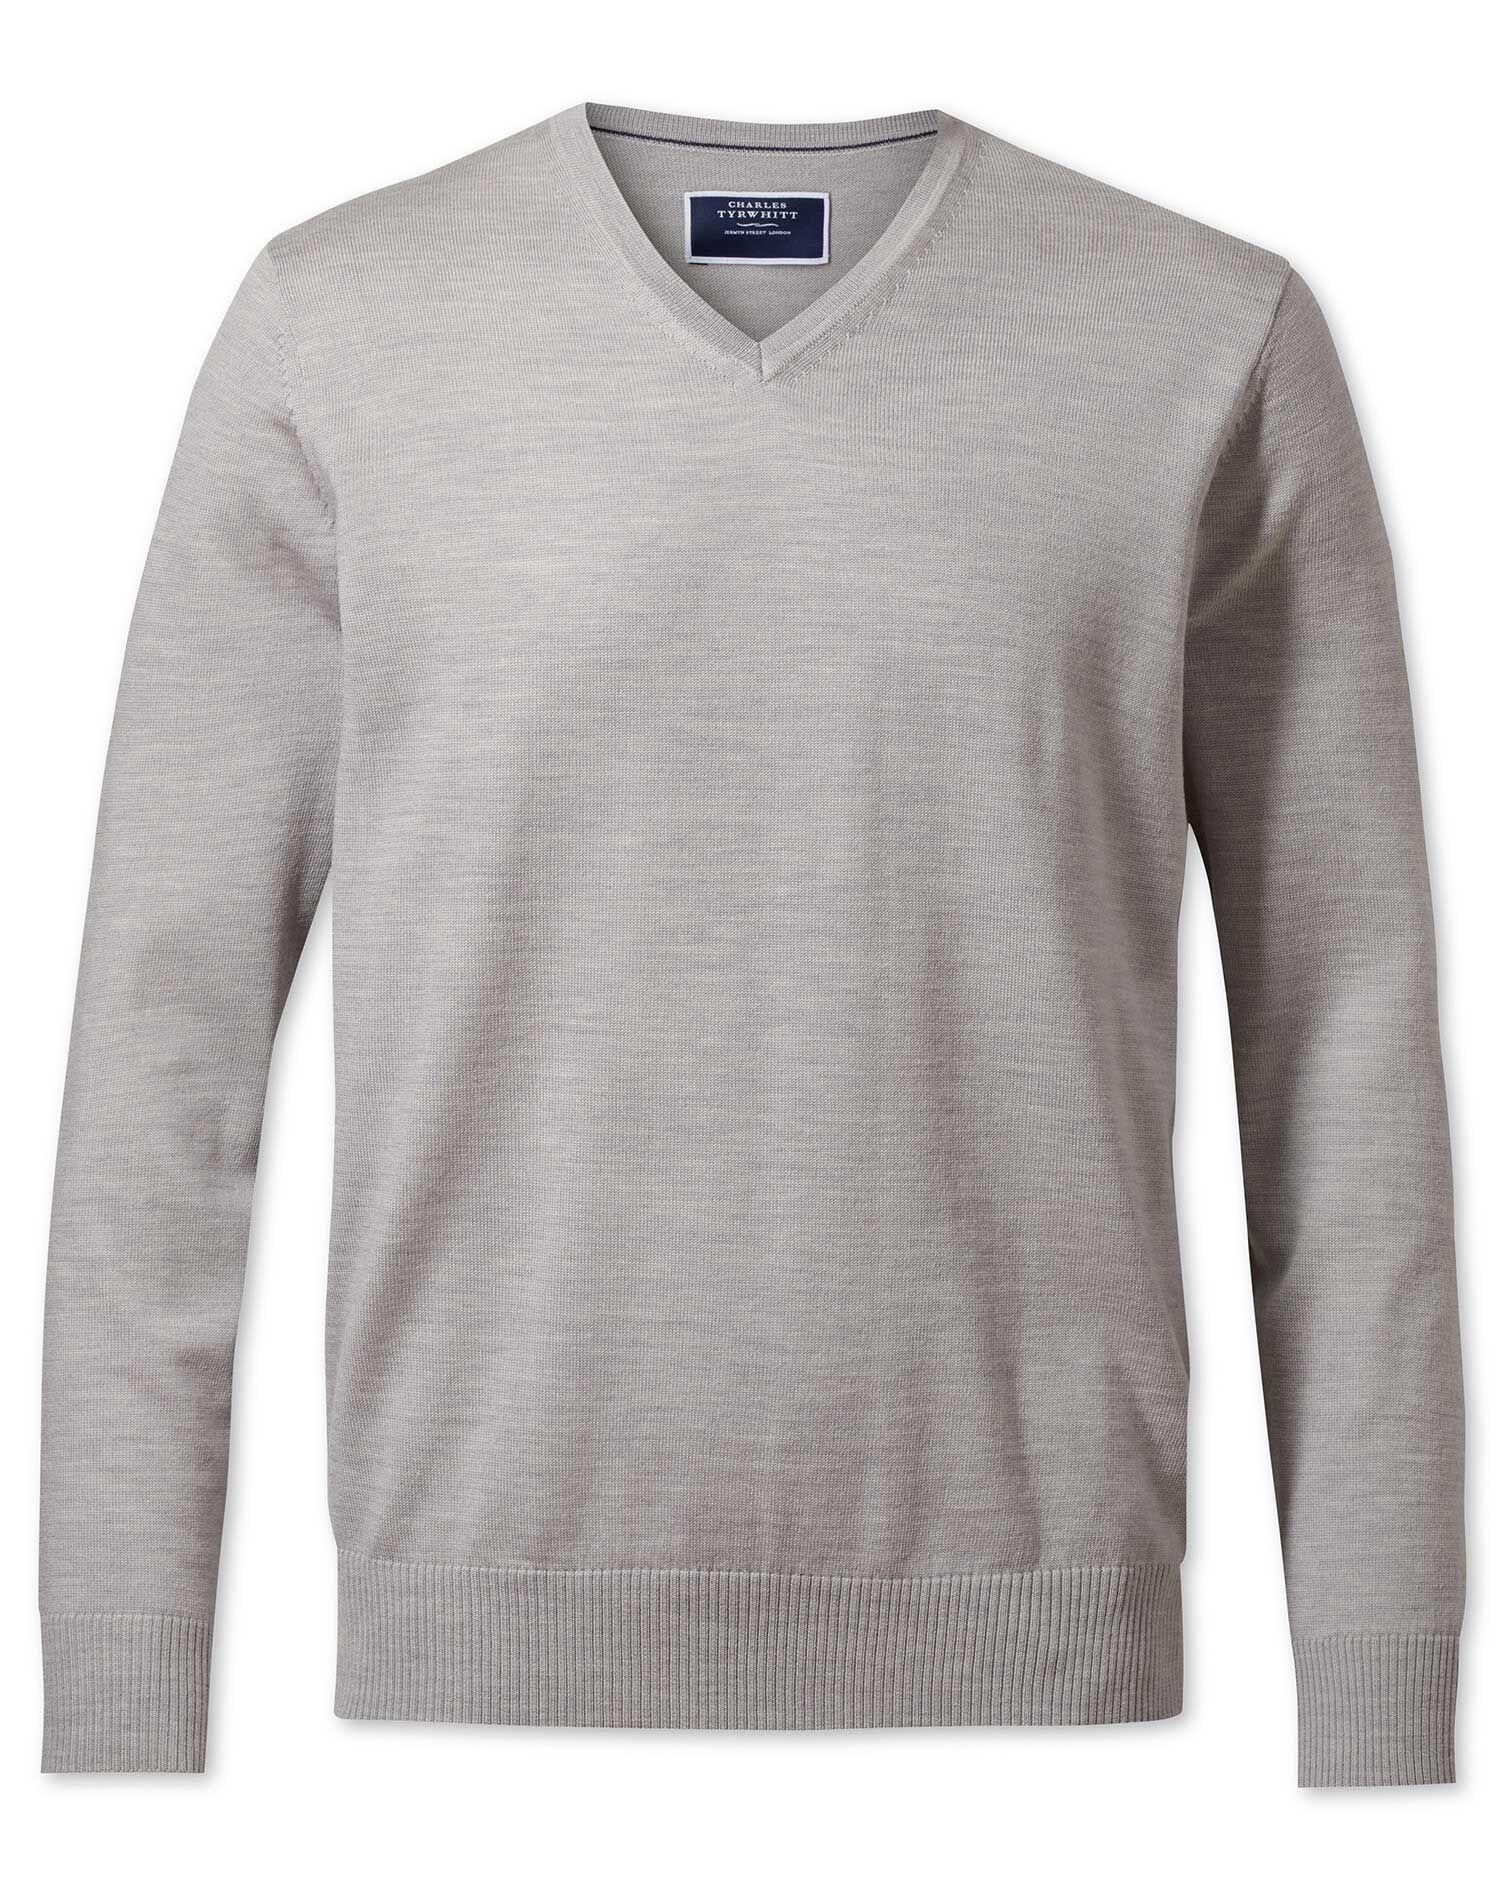 Silver Merino Wool V-Neck Jumper Size XXL by Charles Tyrwhitt